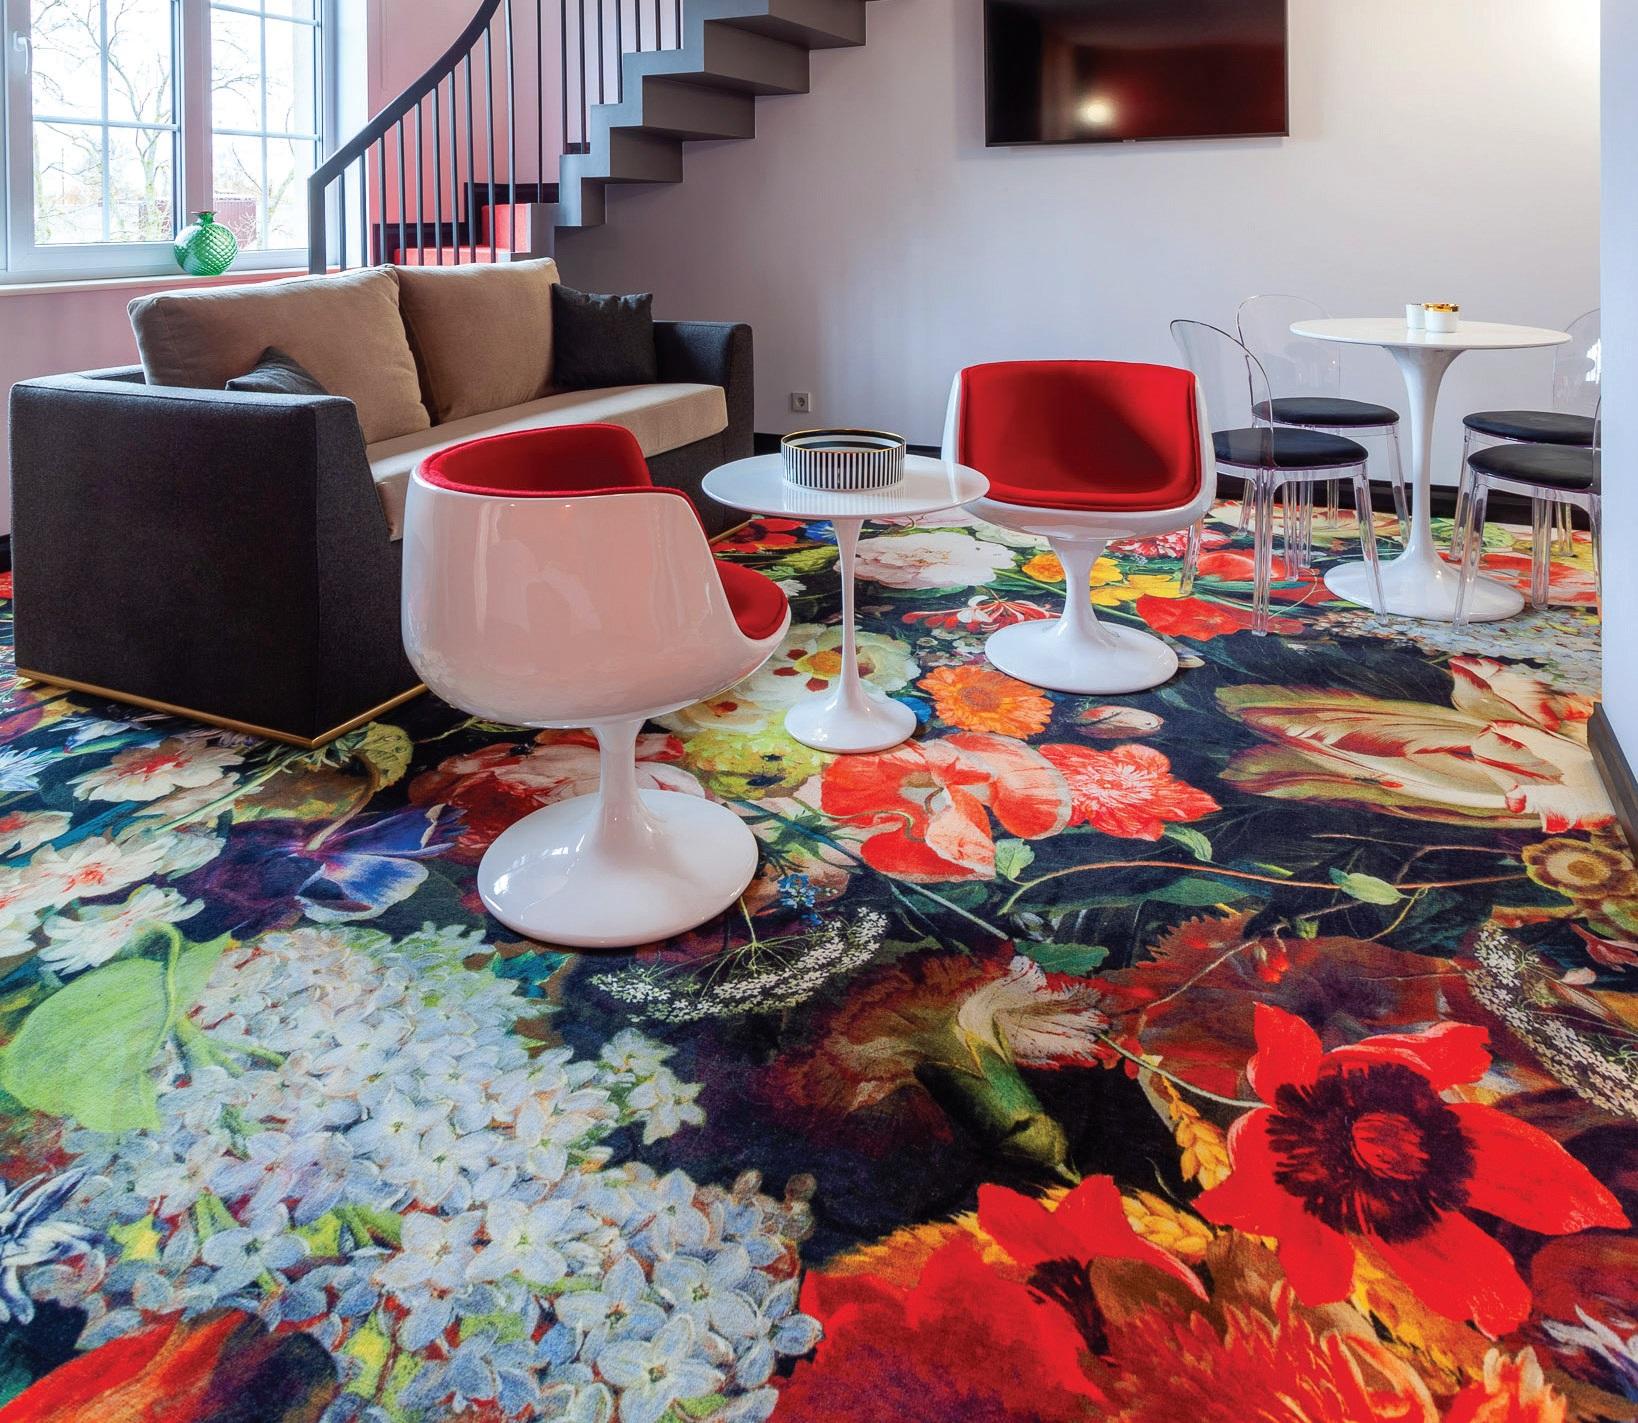 """Vienas didžiausių netikėtumų viešbučio apartamentuose – olandų gamintojo """"Moooi"""" kiliminės dangos, kurių raštus kūrė vienas garsiausių pasaulio dizainerių – Marcelis Wandersas"""